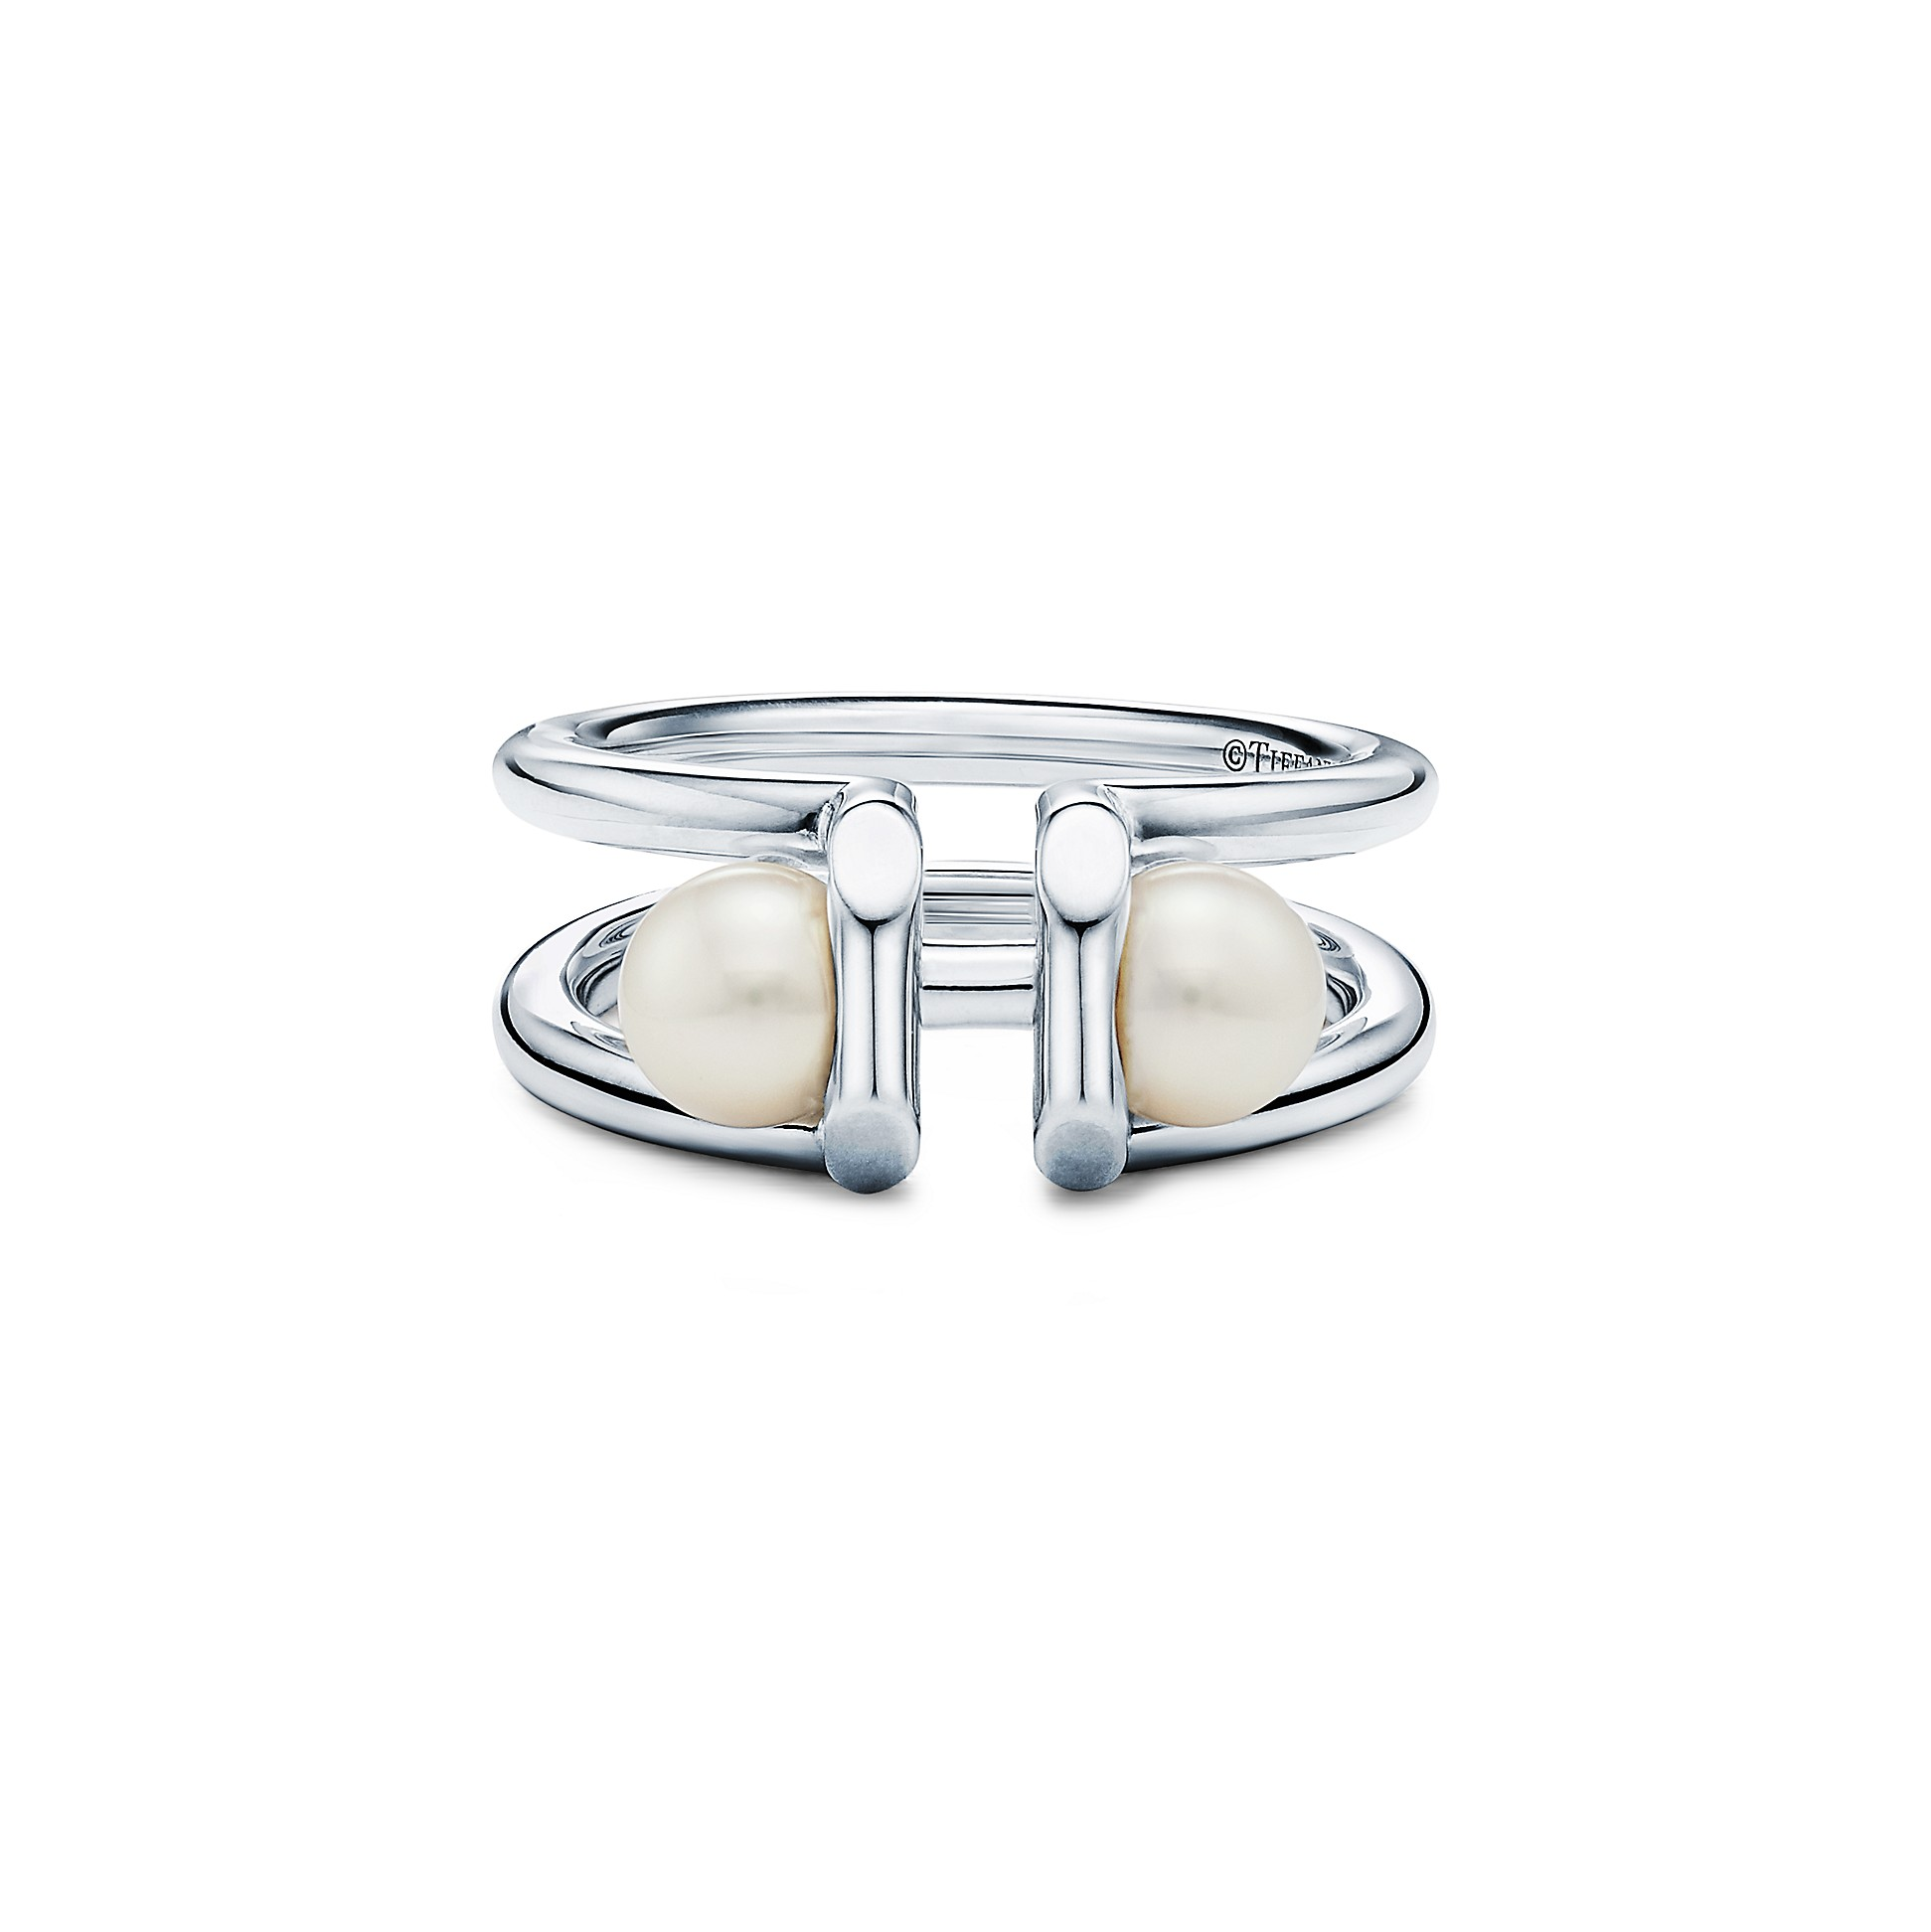 Tiffany Hard Wear        Double Pearl Ring In Sterling Silver by Tiffany Hardwear